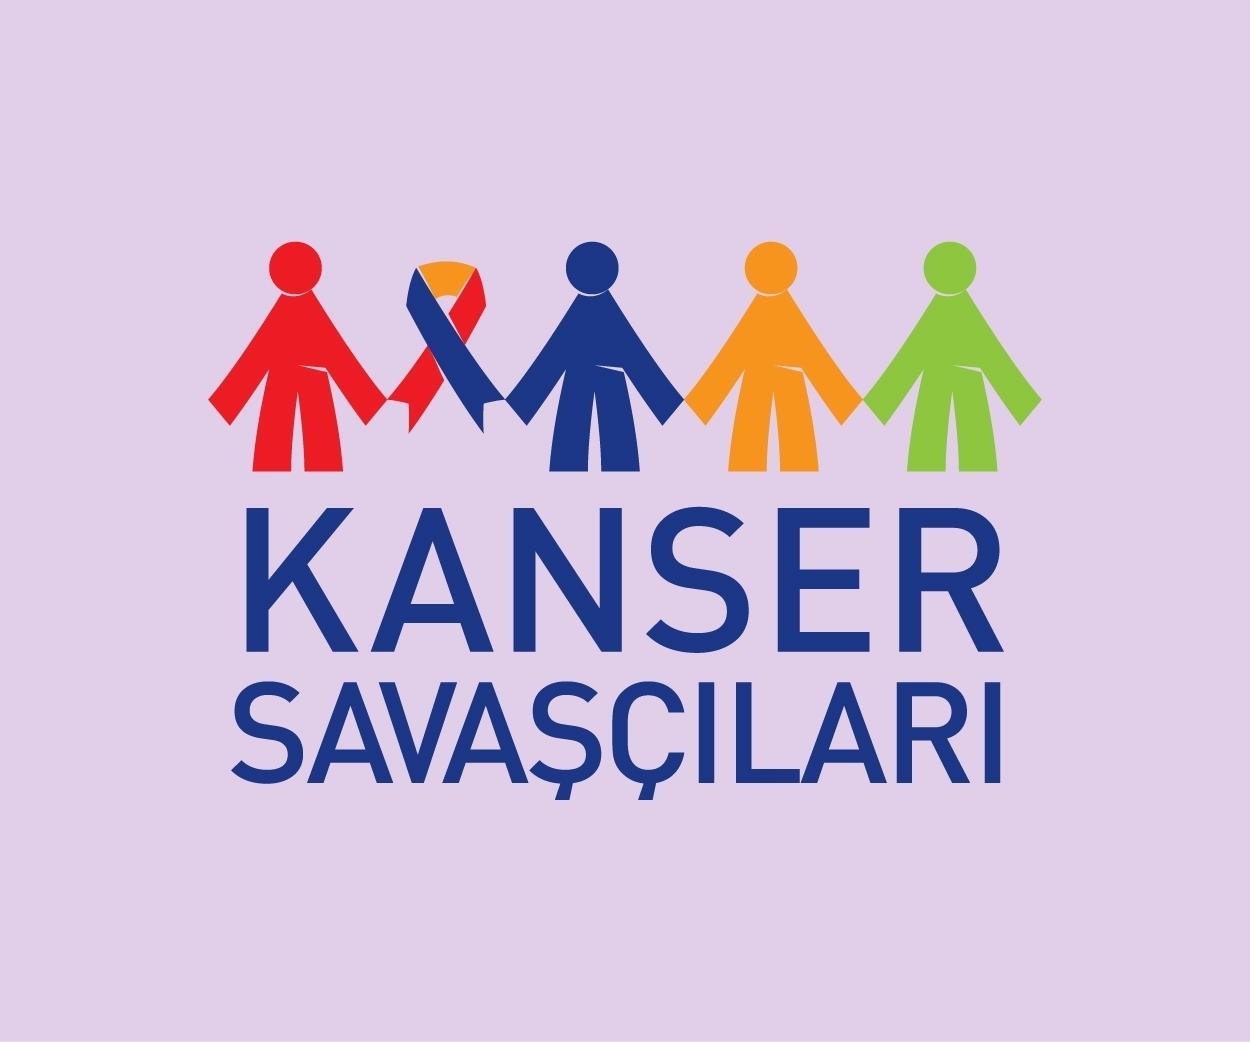 KANSER.SAVASCILARI-01.jpg